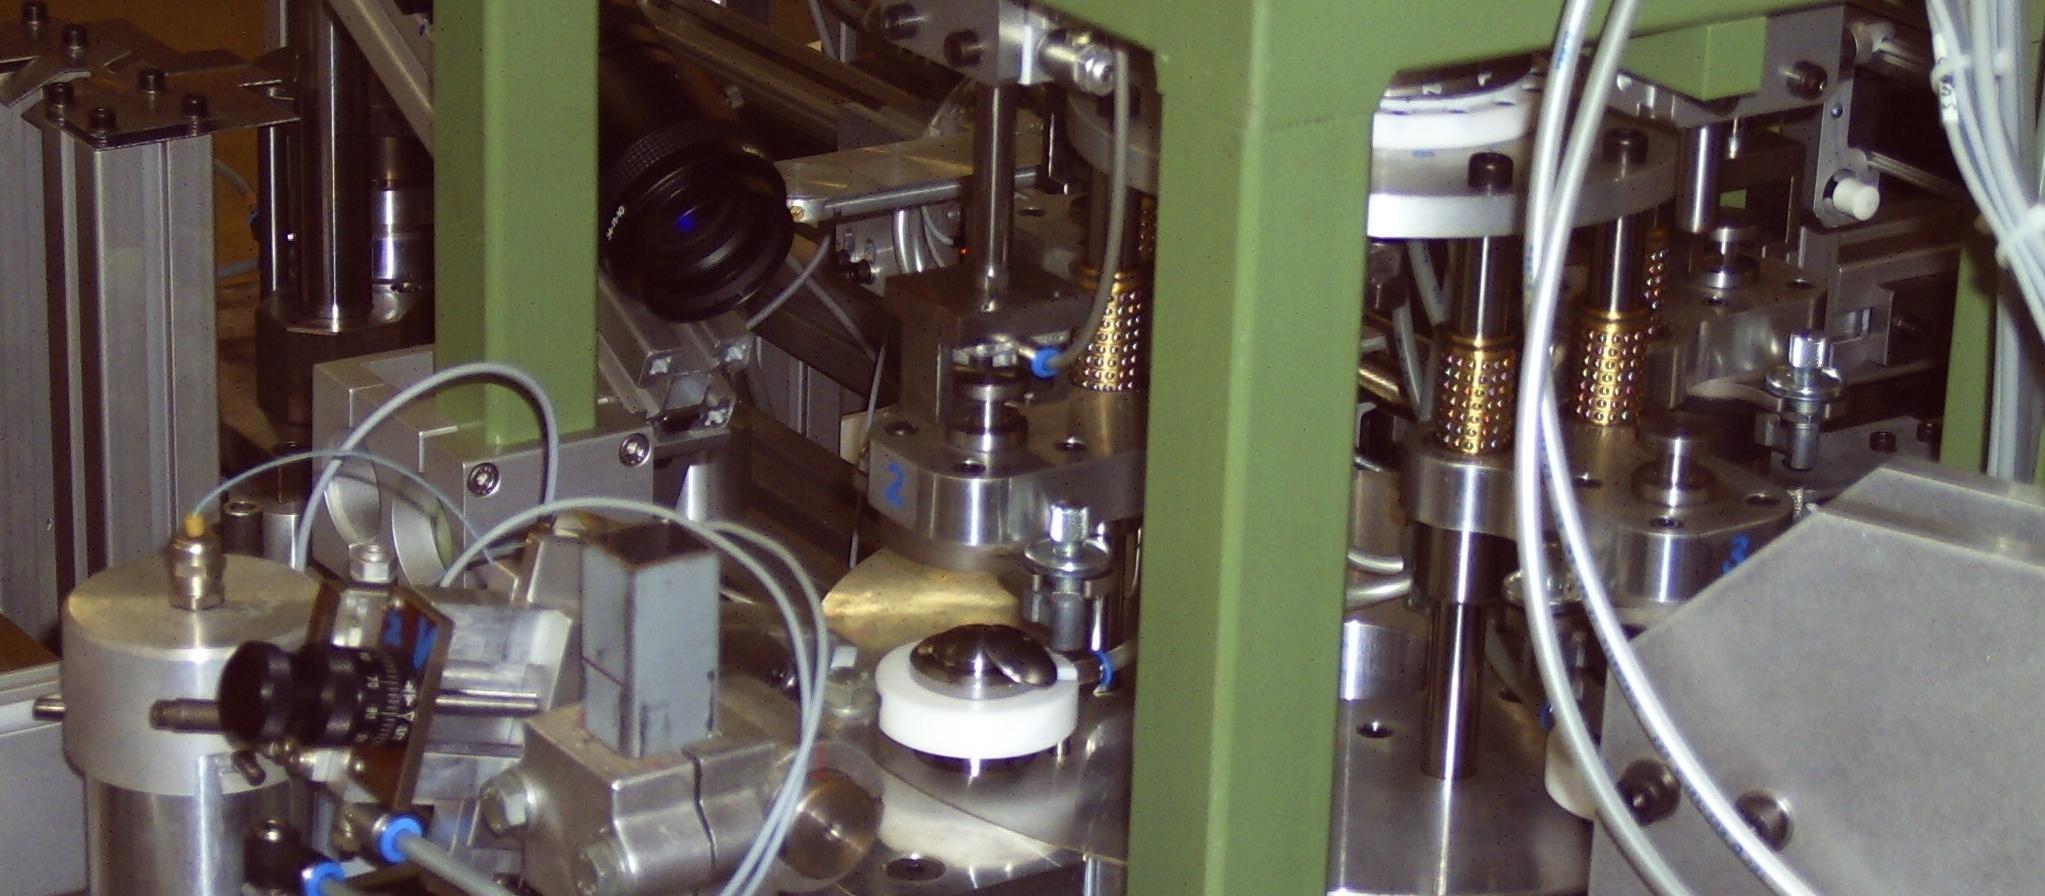 Klebstoffraupe-16-7.JPG